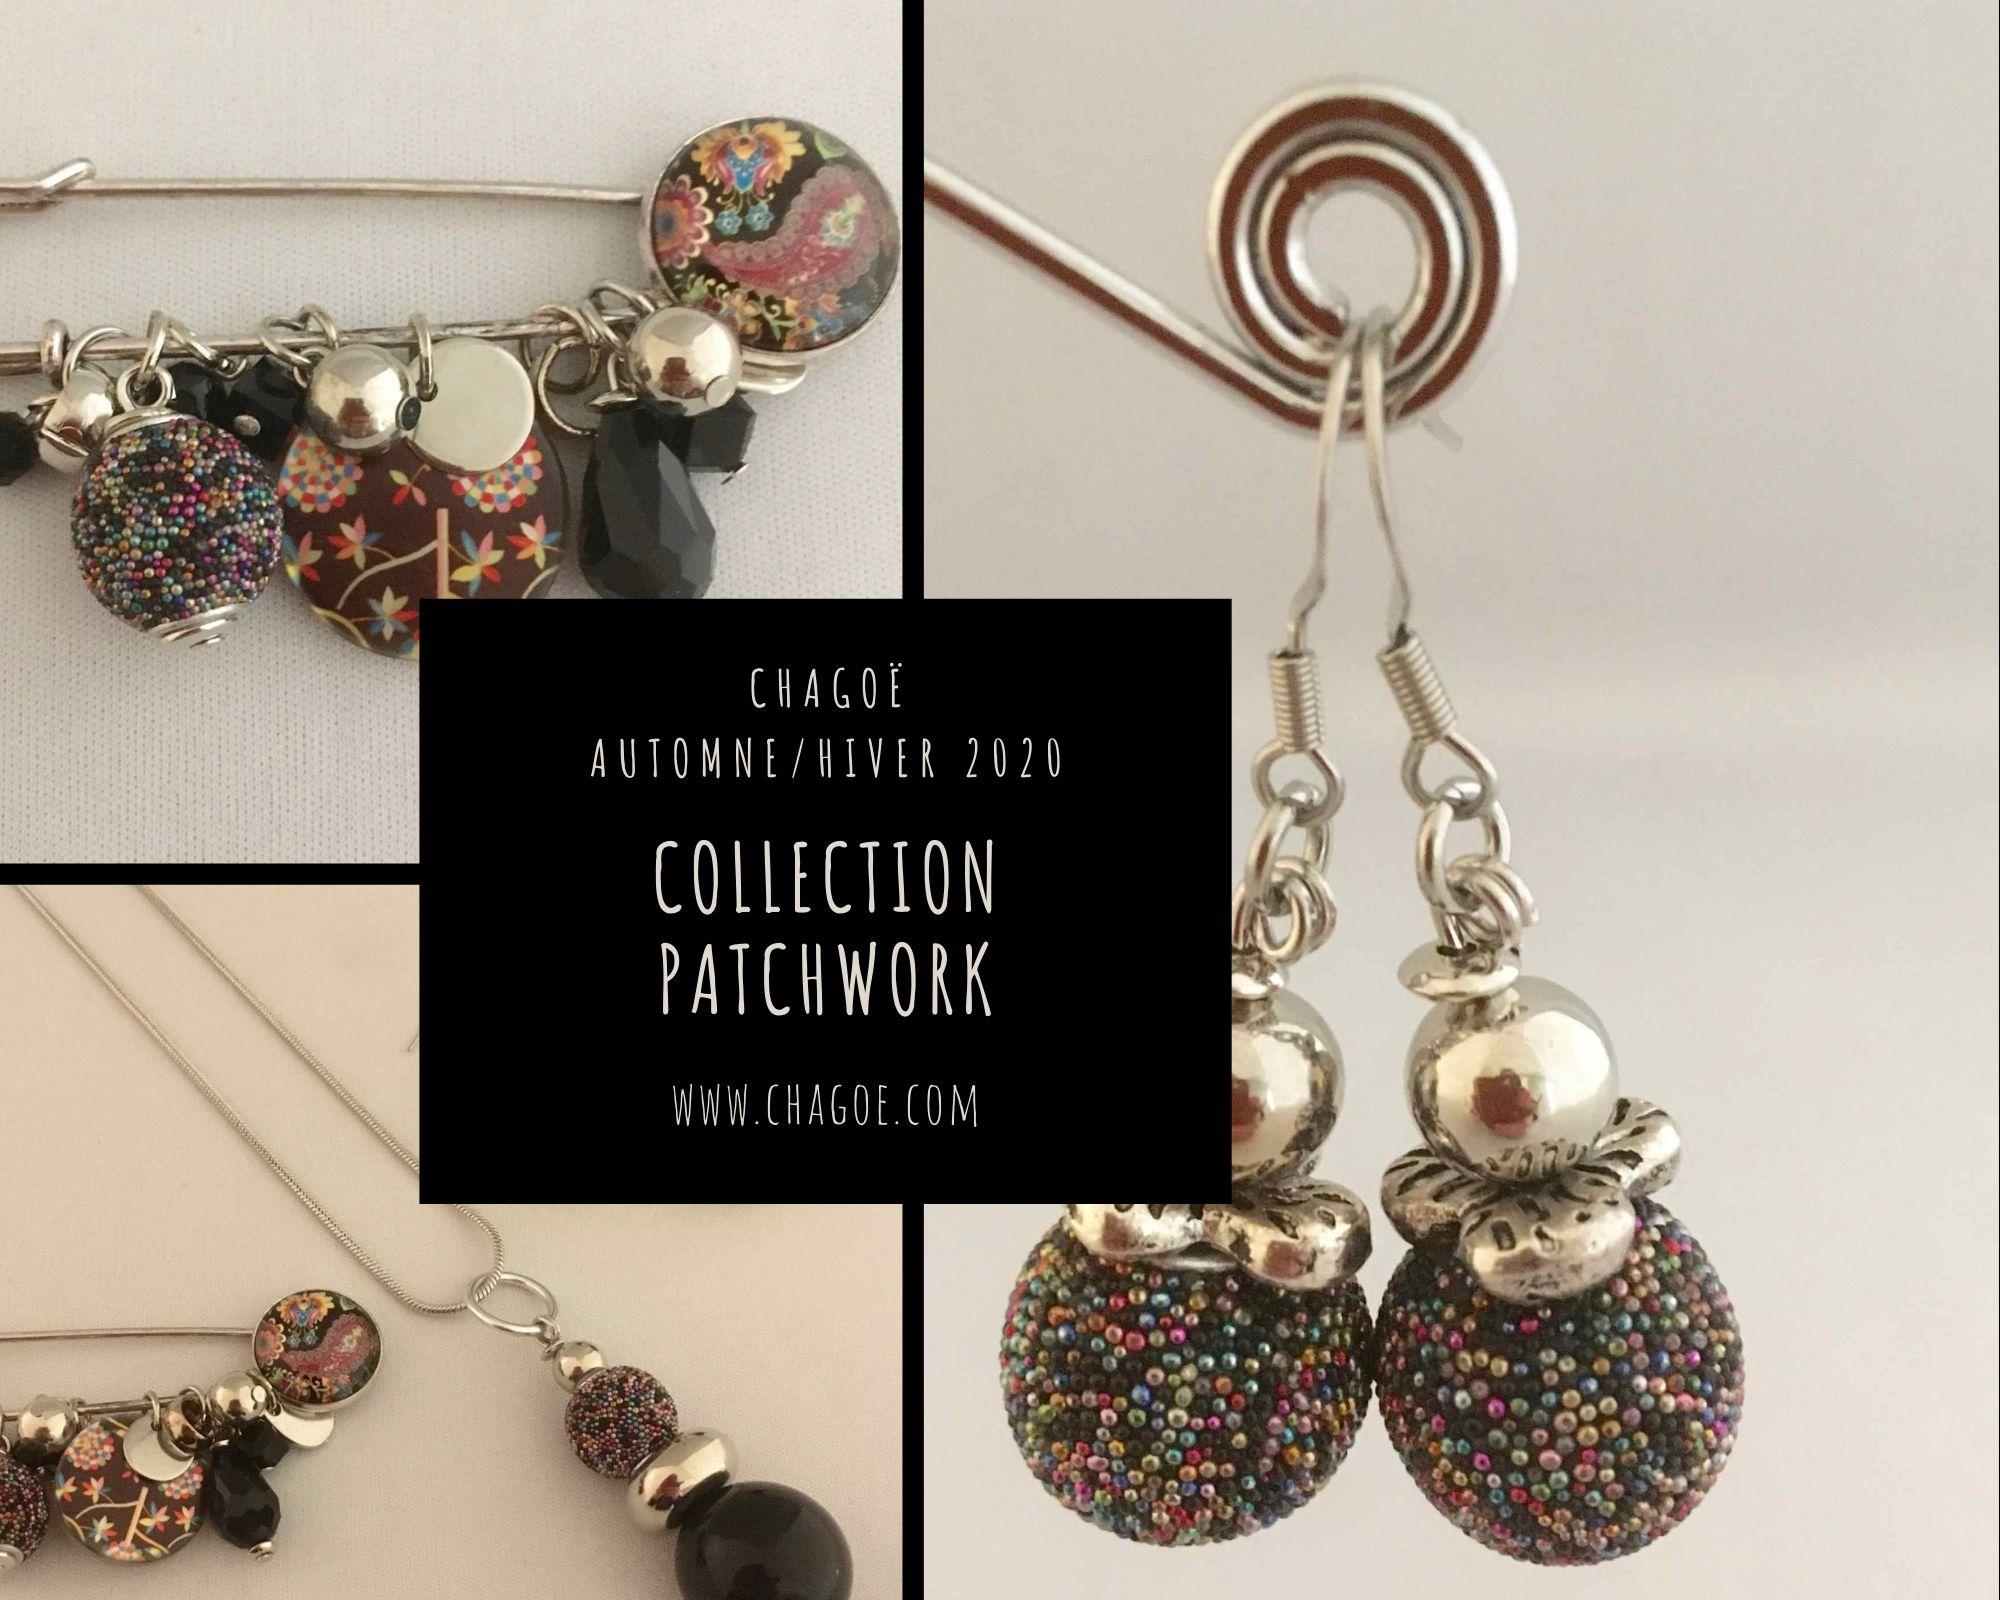 Collection PATCHWORK, Créations Automne/Hiver Chagoë 2020